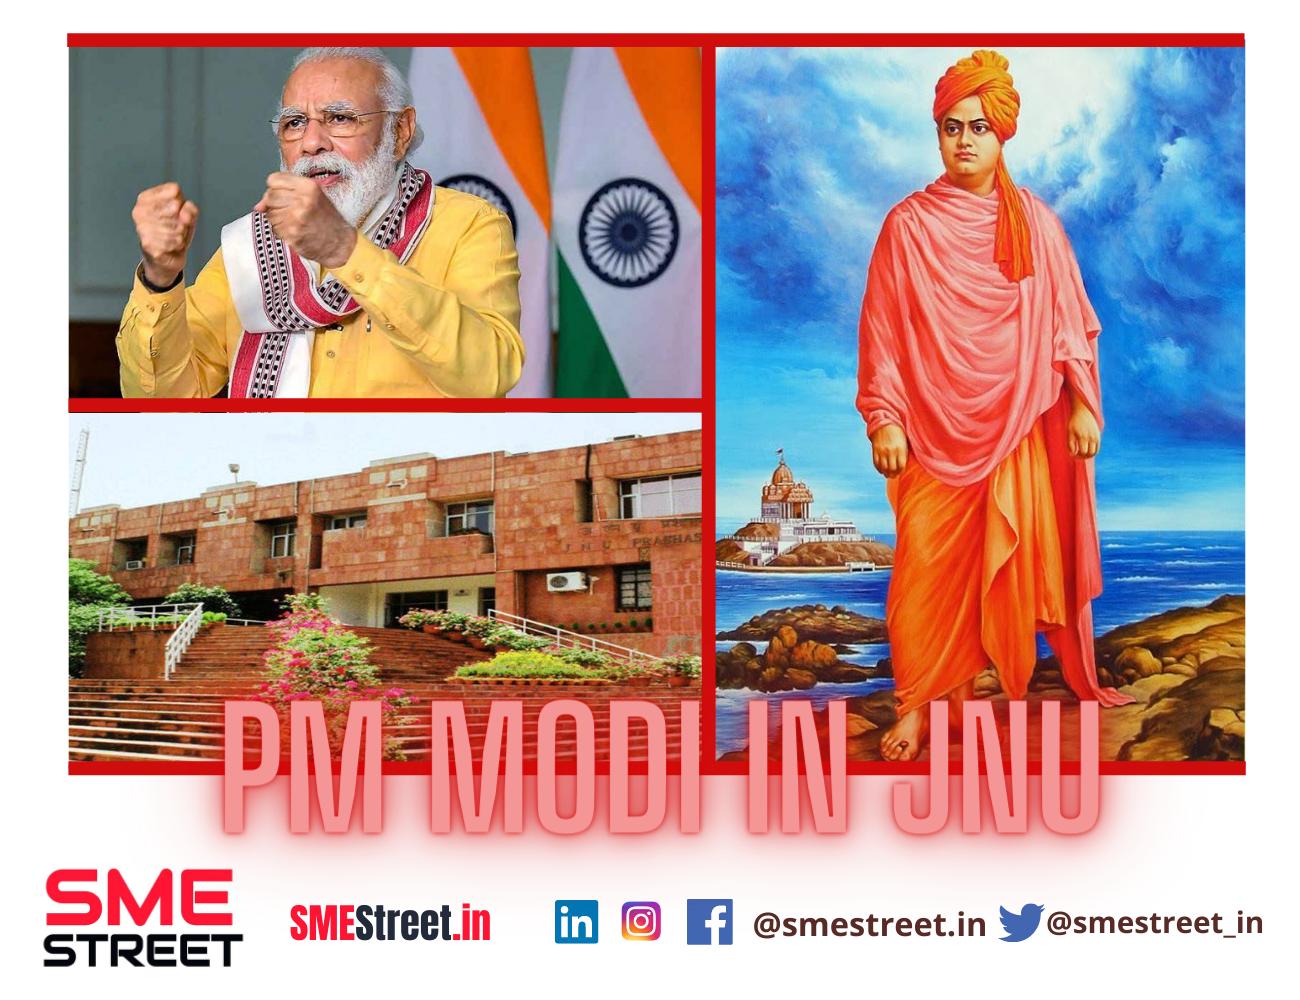 PM Narendra Modi, Swami Vivekanand, JNU, SMEStreet